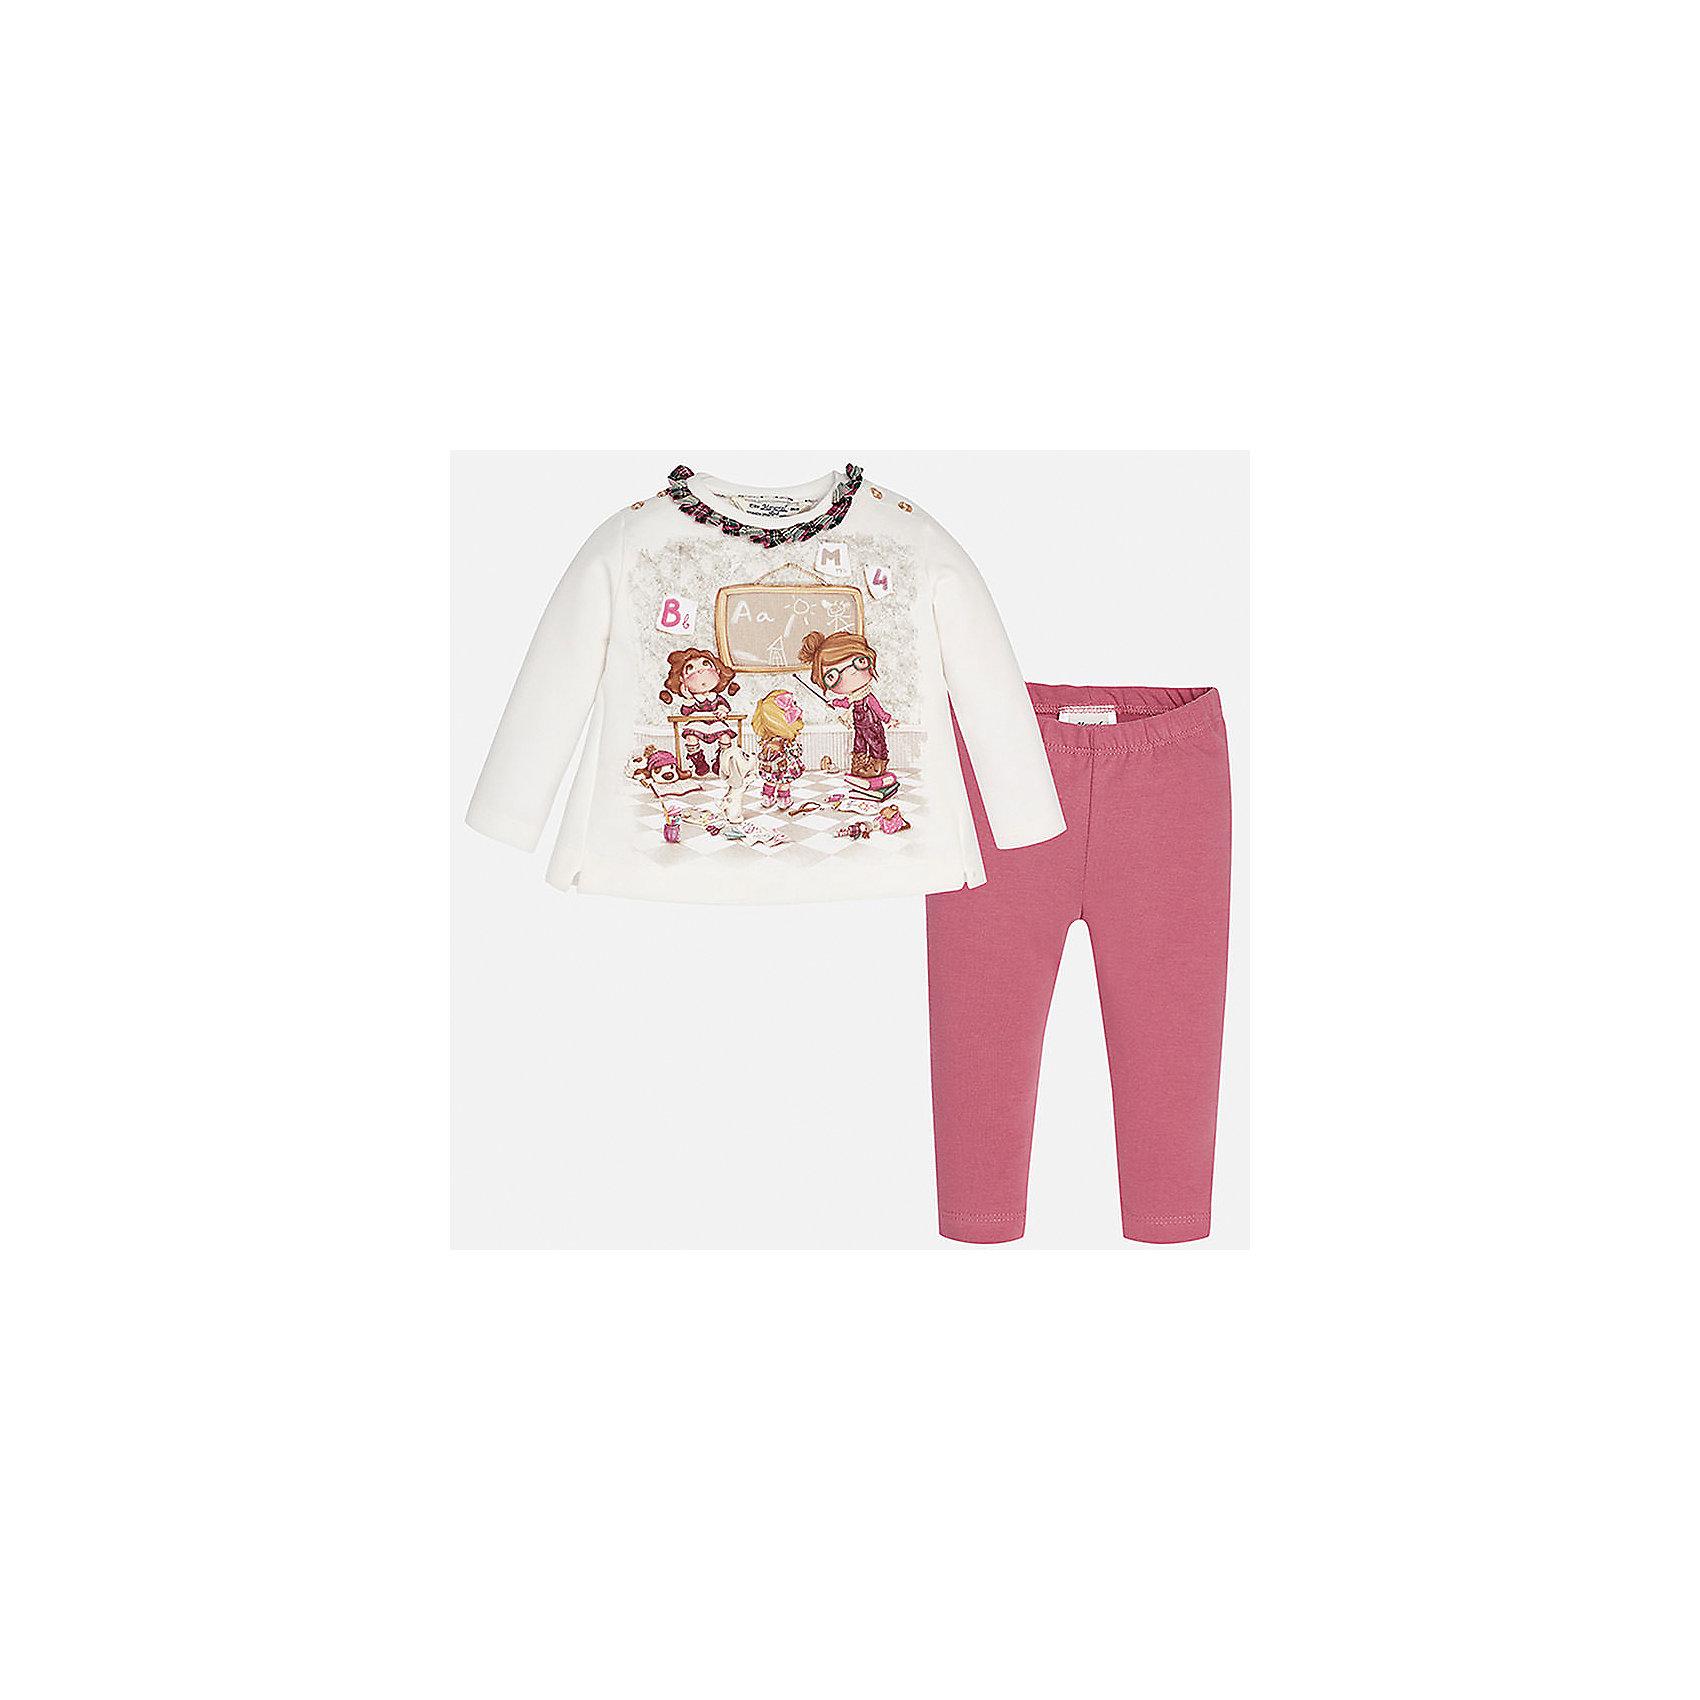 Комплект:футболка и леггинсы для девочки MayoralКомплекты<br>Комплект от Mayoral - стильный и практичный вариант для юных модниц! Футболка с длинным рукавом оформлена ярким принтом, контрастной оборкой по вороту, спинка декорирована небольшими складками и бантом. Ярко-розовые леггинсы на поясе с резинкой отлично смотрятся на фигуре, не вытягиваются, не сковывают движения.<br><br>Дополнительная информация:<br><br>- Мягкая трикотажная ткань.<br>- Комплектация: футболка с длинным рукавом, леггинсы. <br>- Футболка застегивается на кнопки на плечах.<br>- Округлый вырез горловины.<br>- Принт, контрастная оборка.<br>- Декоративные складки, бант на спине. <br>- Леггинсы на эластичном поясе с резинкой.  <br>Состав: <br> 95% хлопок,  5% эластан.<br><br>Комплект: футболку и леггинсы для девочки Mayoral (Майорал), белый/розовый, можно купить в нашем магазине.<br><br>Ширина мм: 123<br>Глубина мм: 10<br>Высота мм: 149<br>Вес г: 209<br>Цвет: красный<br>Возраст от месяцев: 6<br>Возраст до месяцев: 9<br>Пол: Женский<br>Возраст: Детский<br>Размер: 74,86,92,80<br>SKU: 4846209